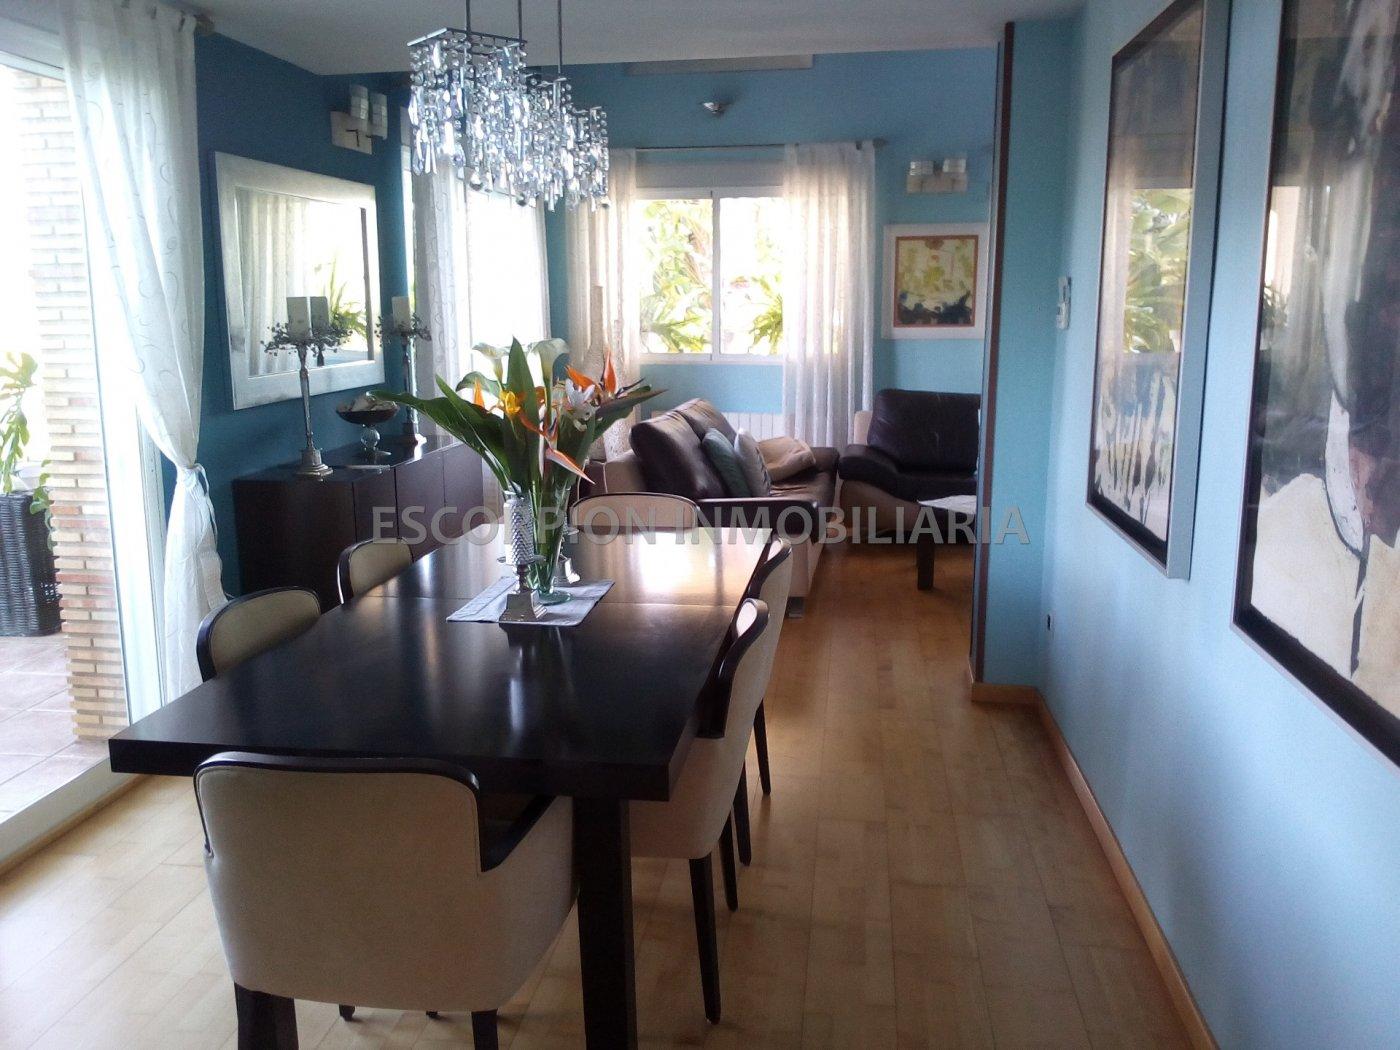 Casa independiente en alquiler en Colinas de San Antonio de Benagéber 7